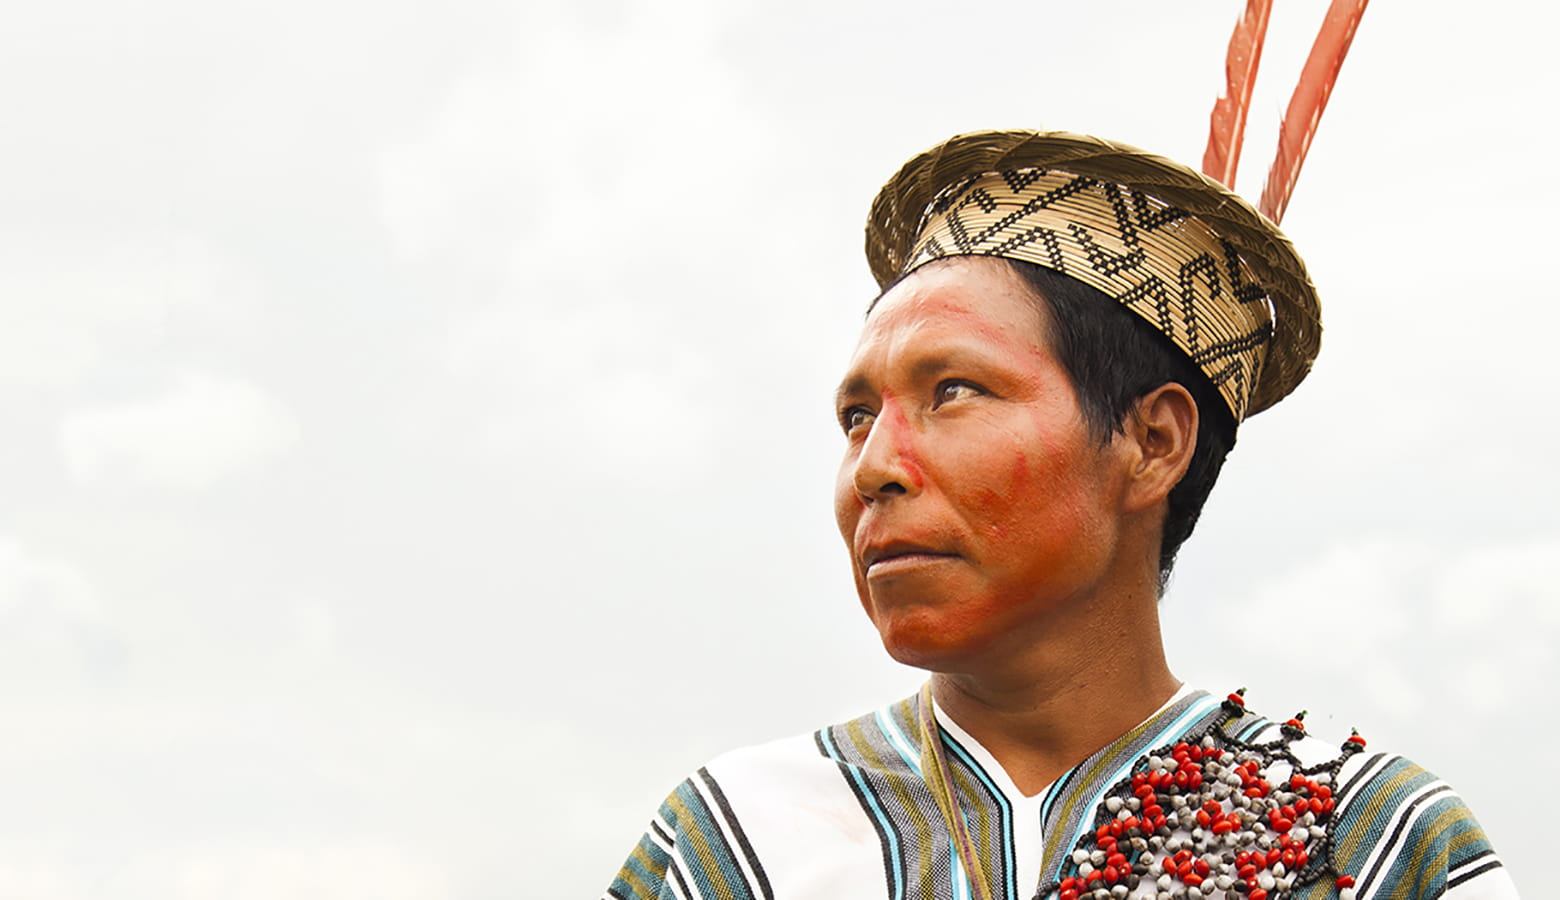 Einwohner eines peruanischen Dorfes